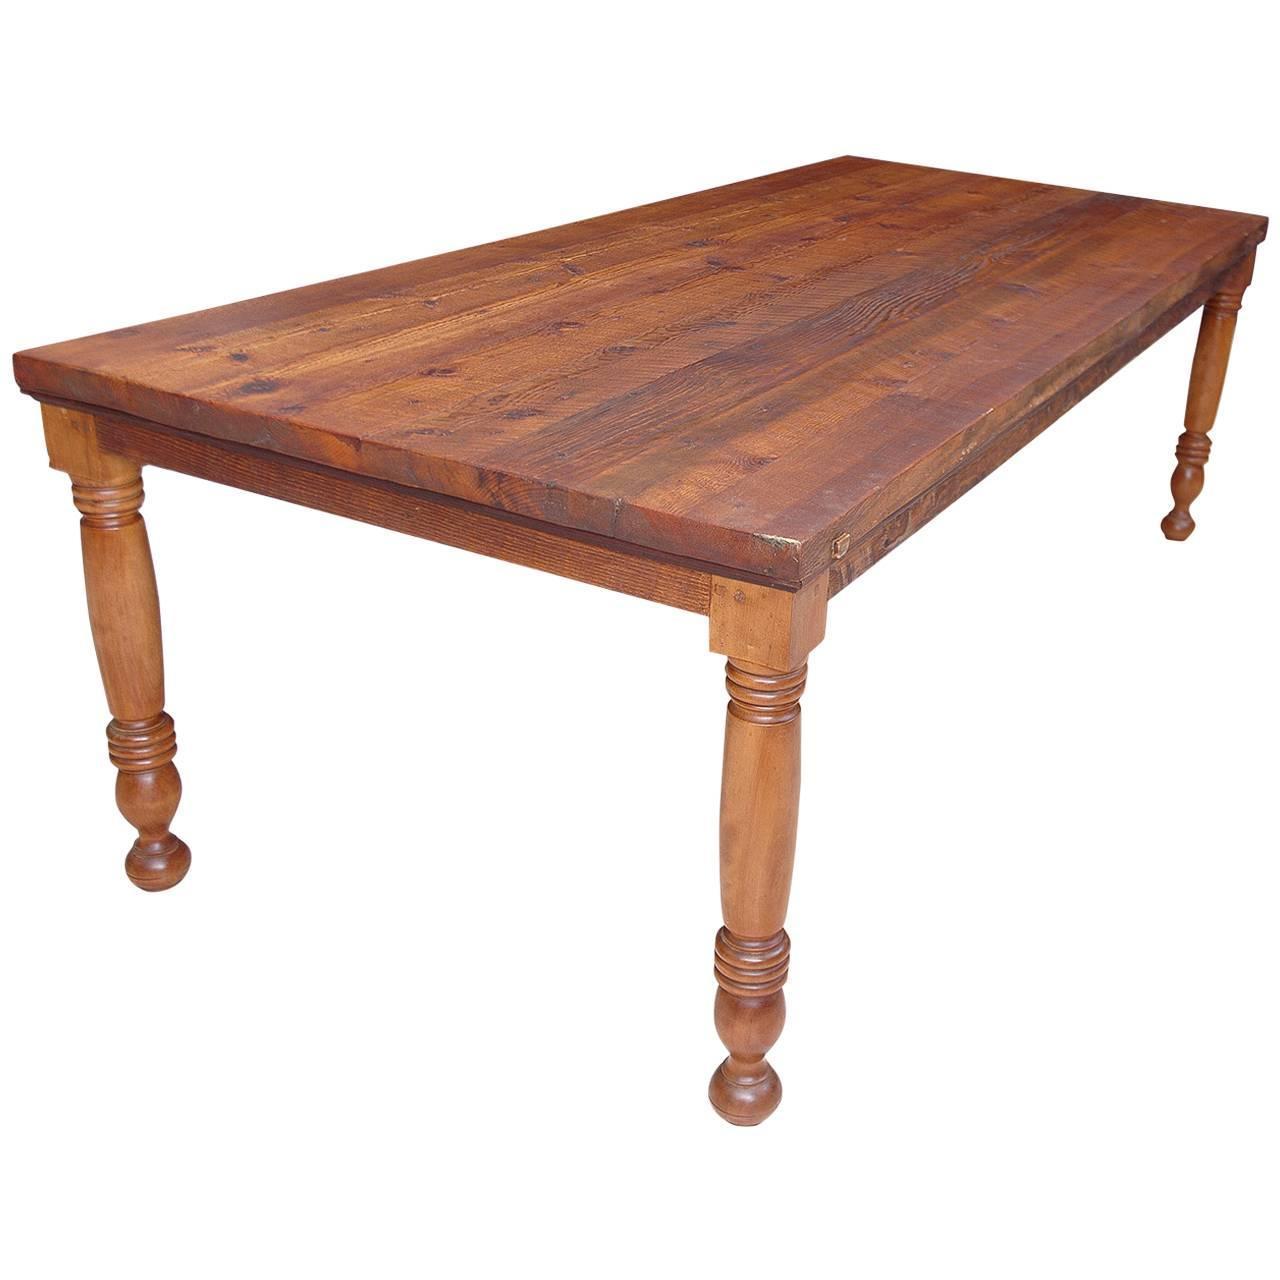 Farm Dining Table For Sale: Vintage Farm House Dining Table In Reclaimed Pine For Sale